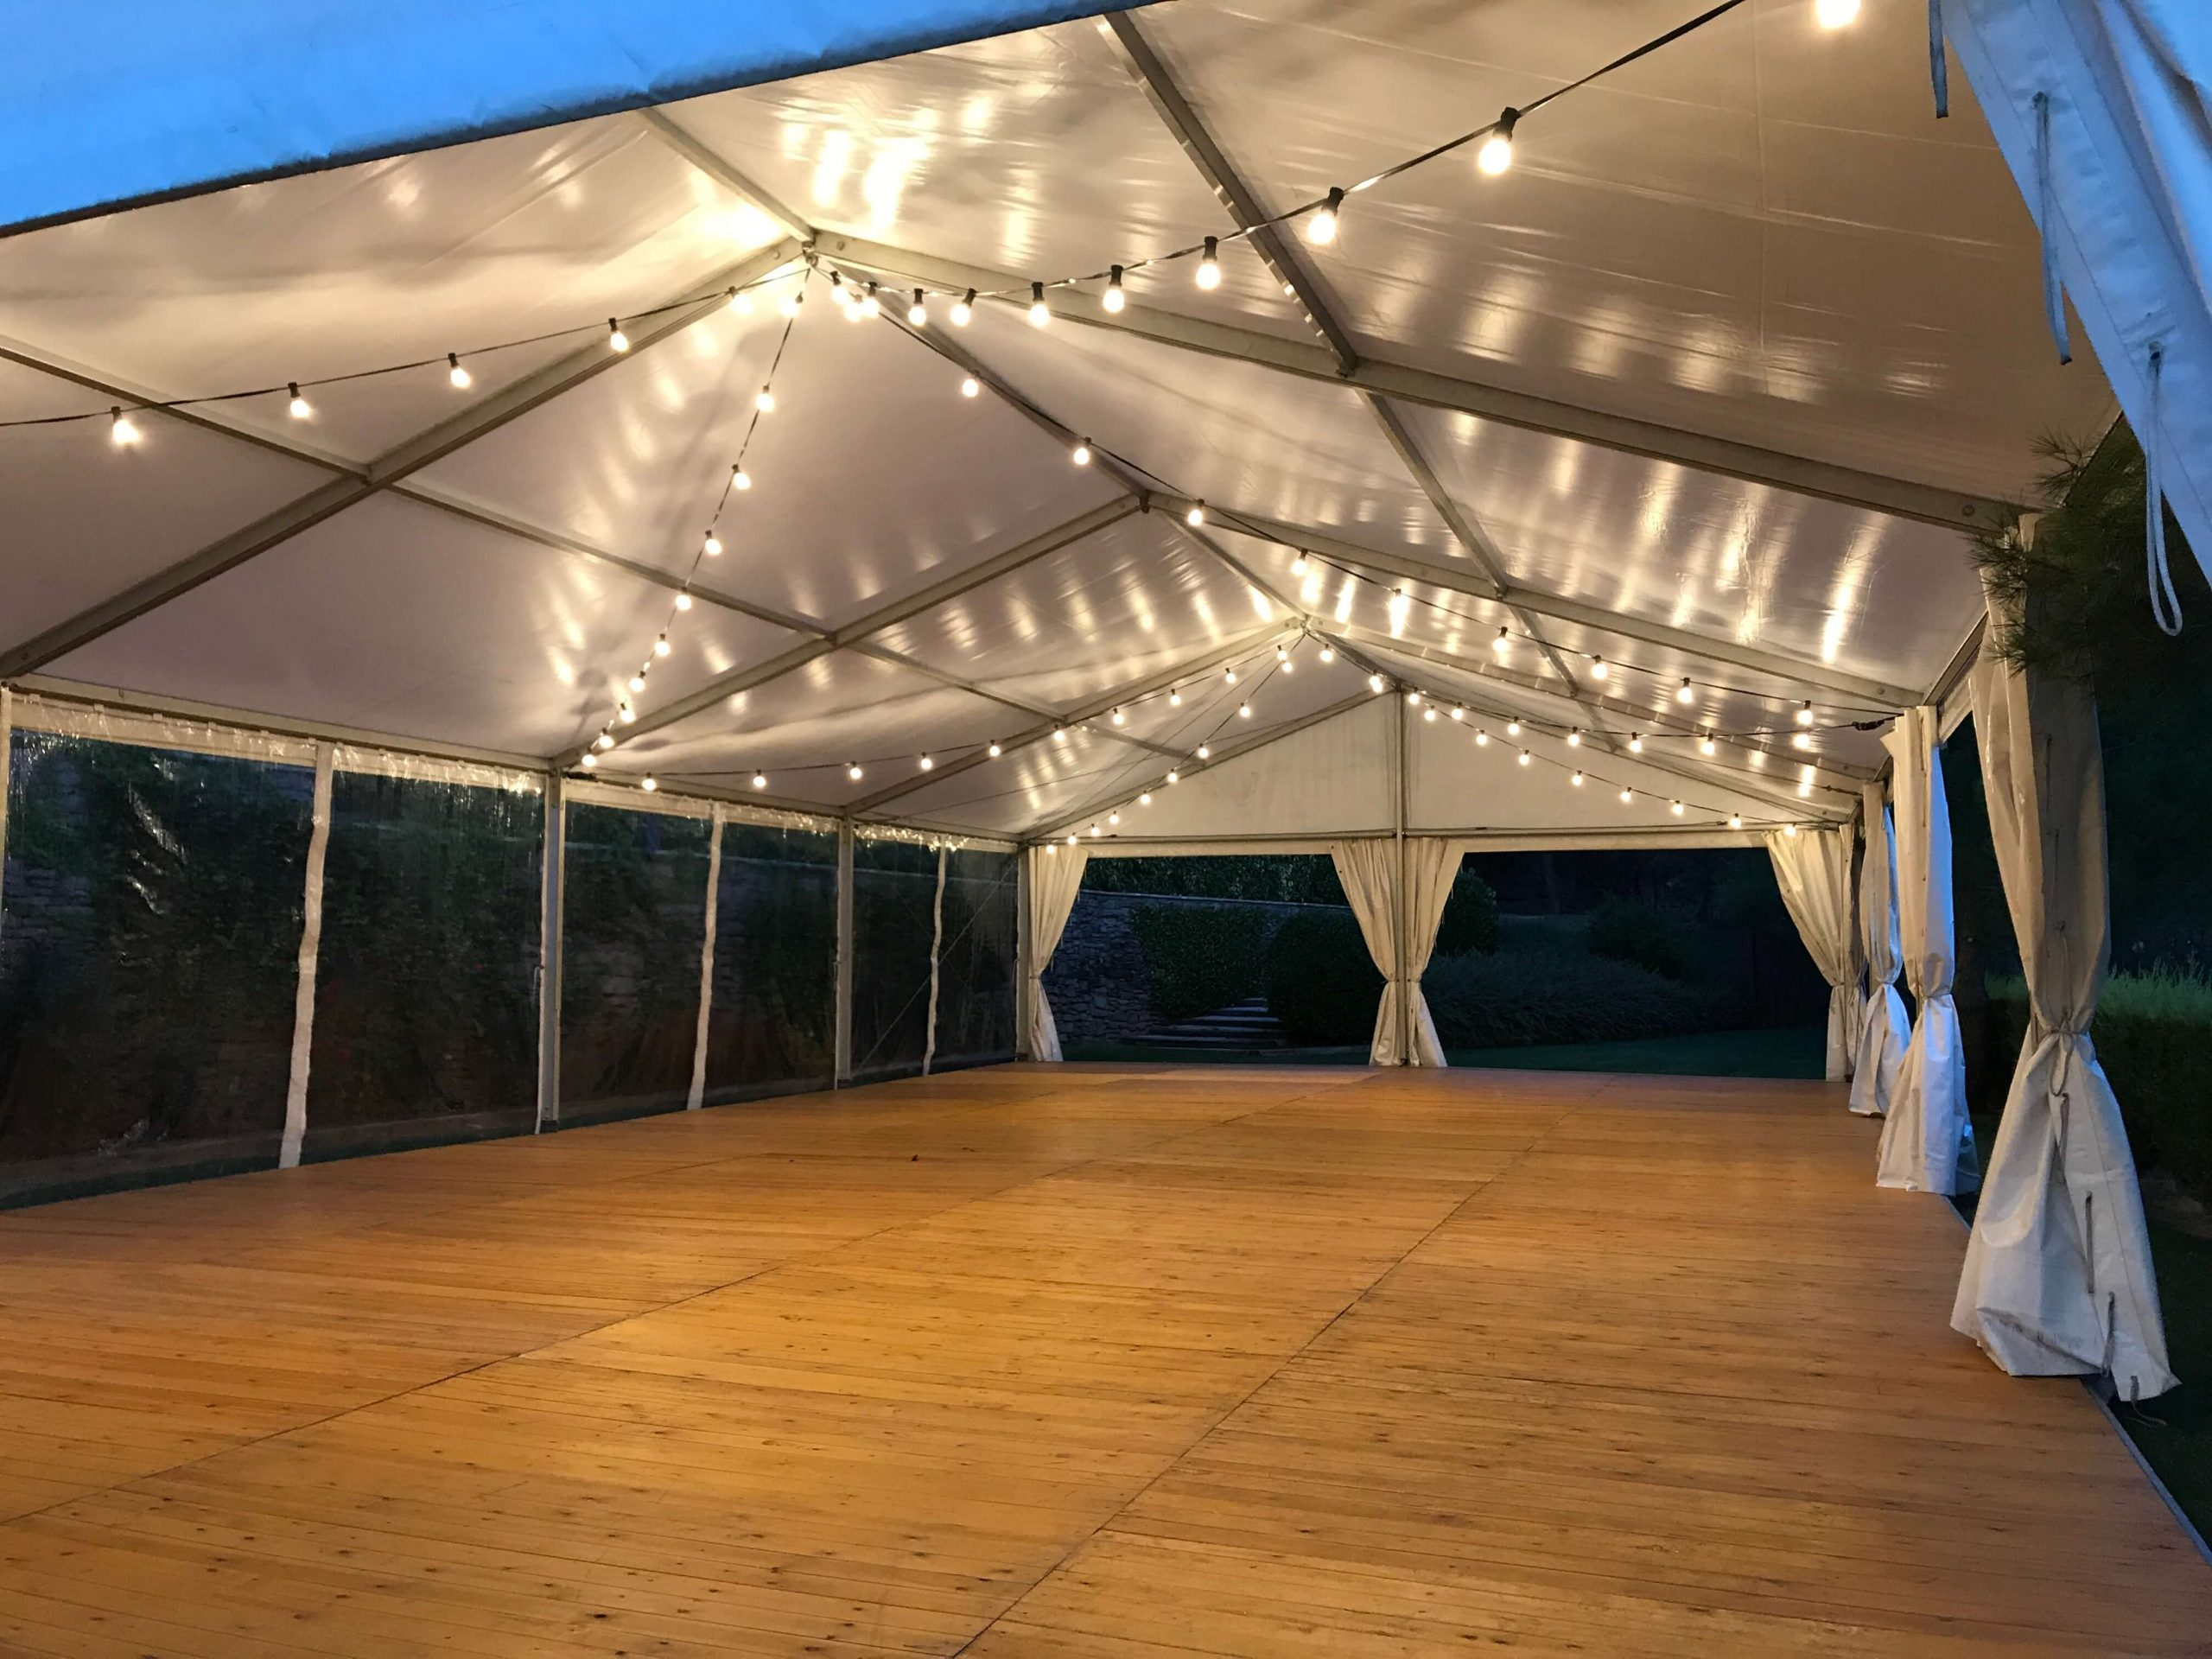 iluminación carpas Top tent